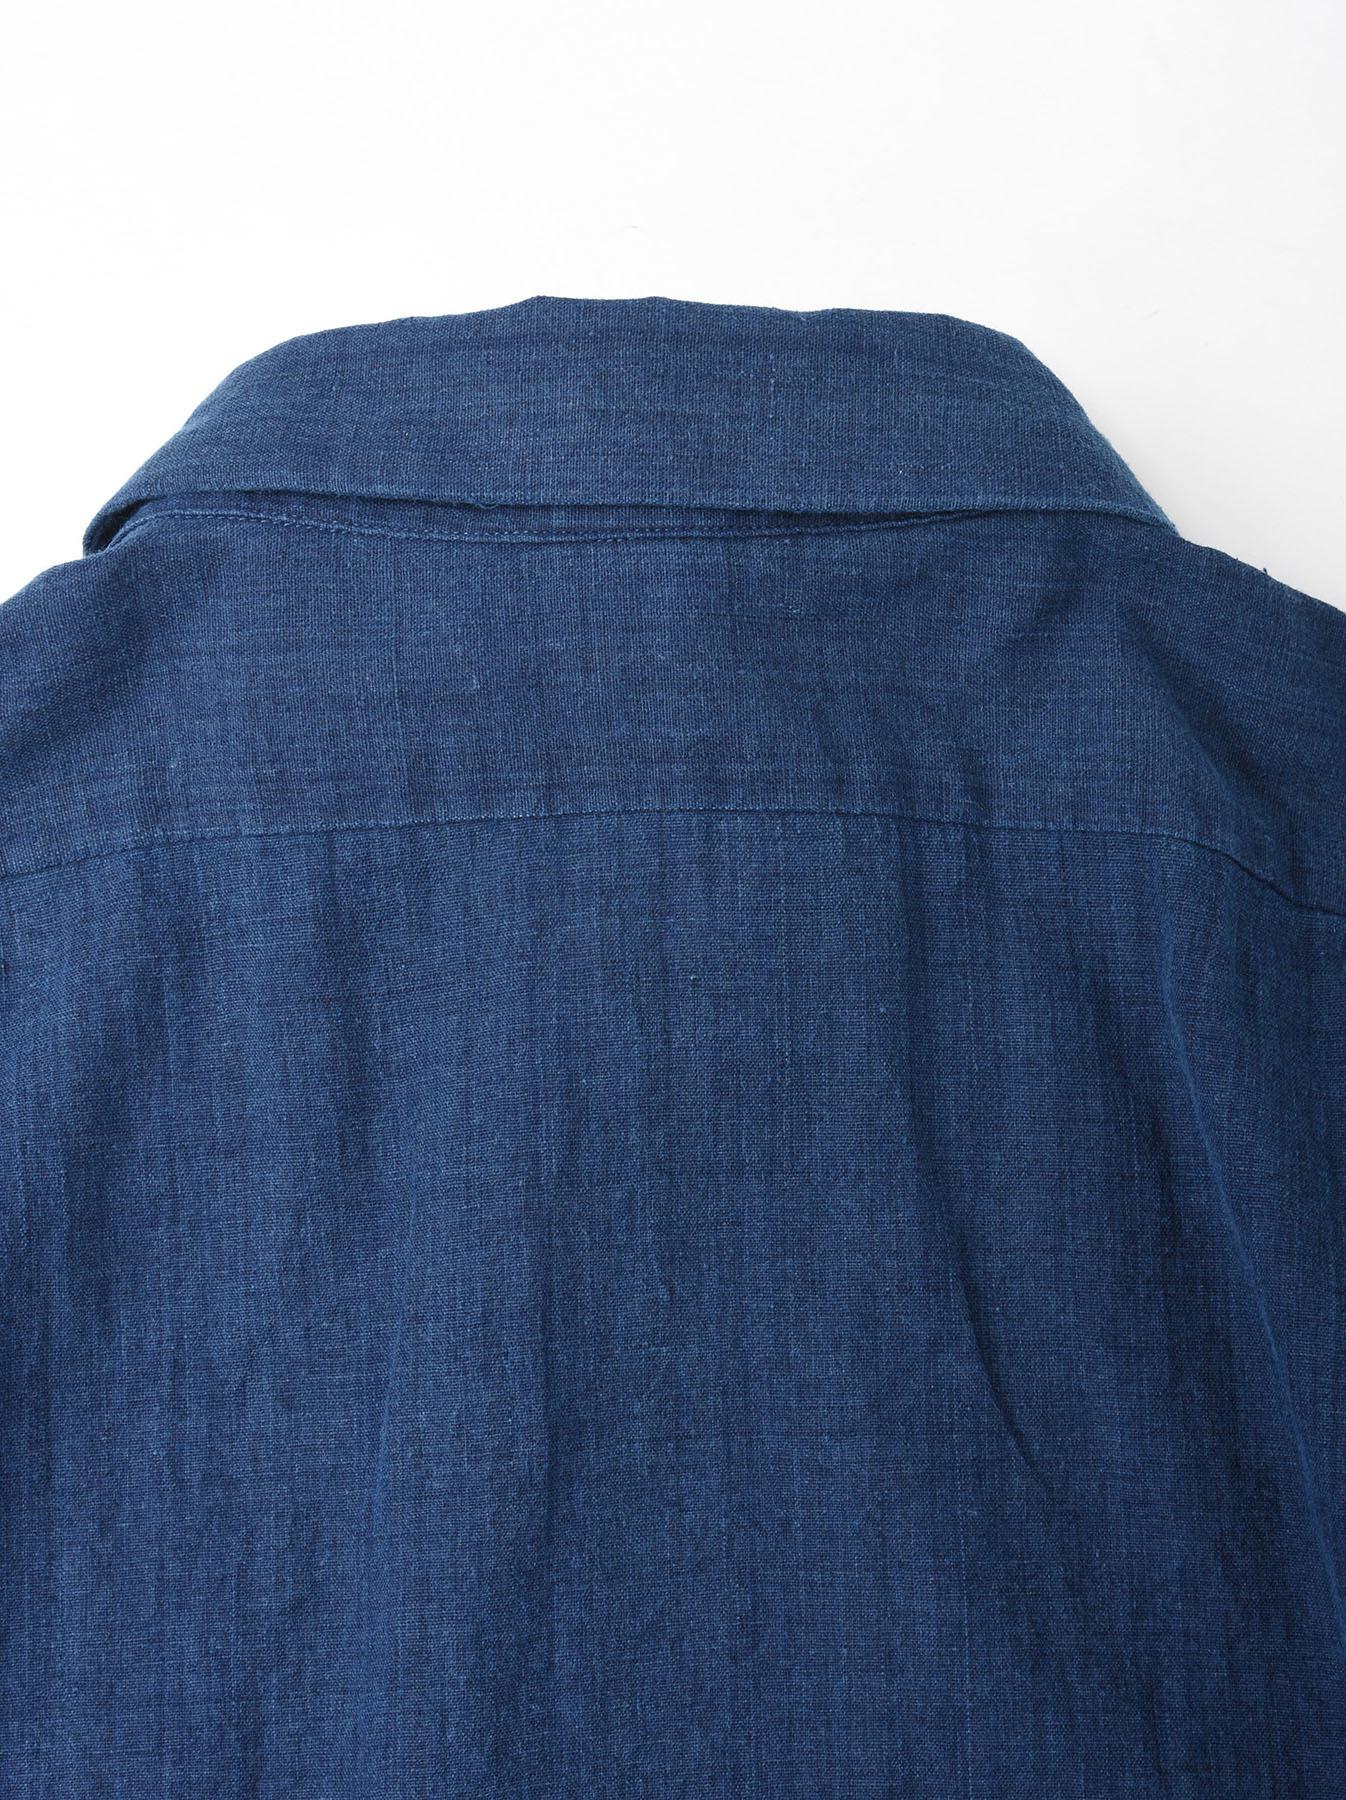 Ai Khadi Pin-tuck Shirt-8